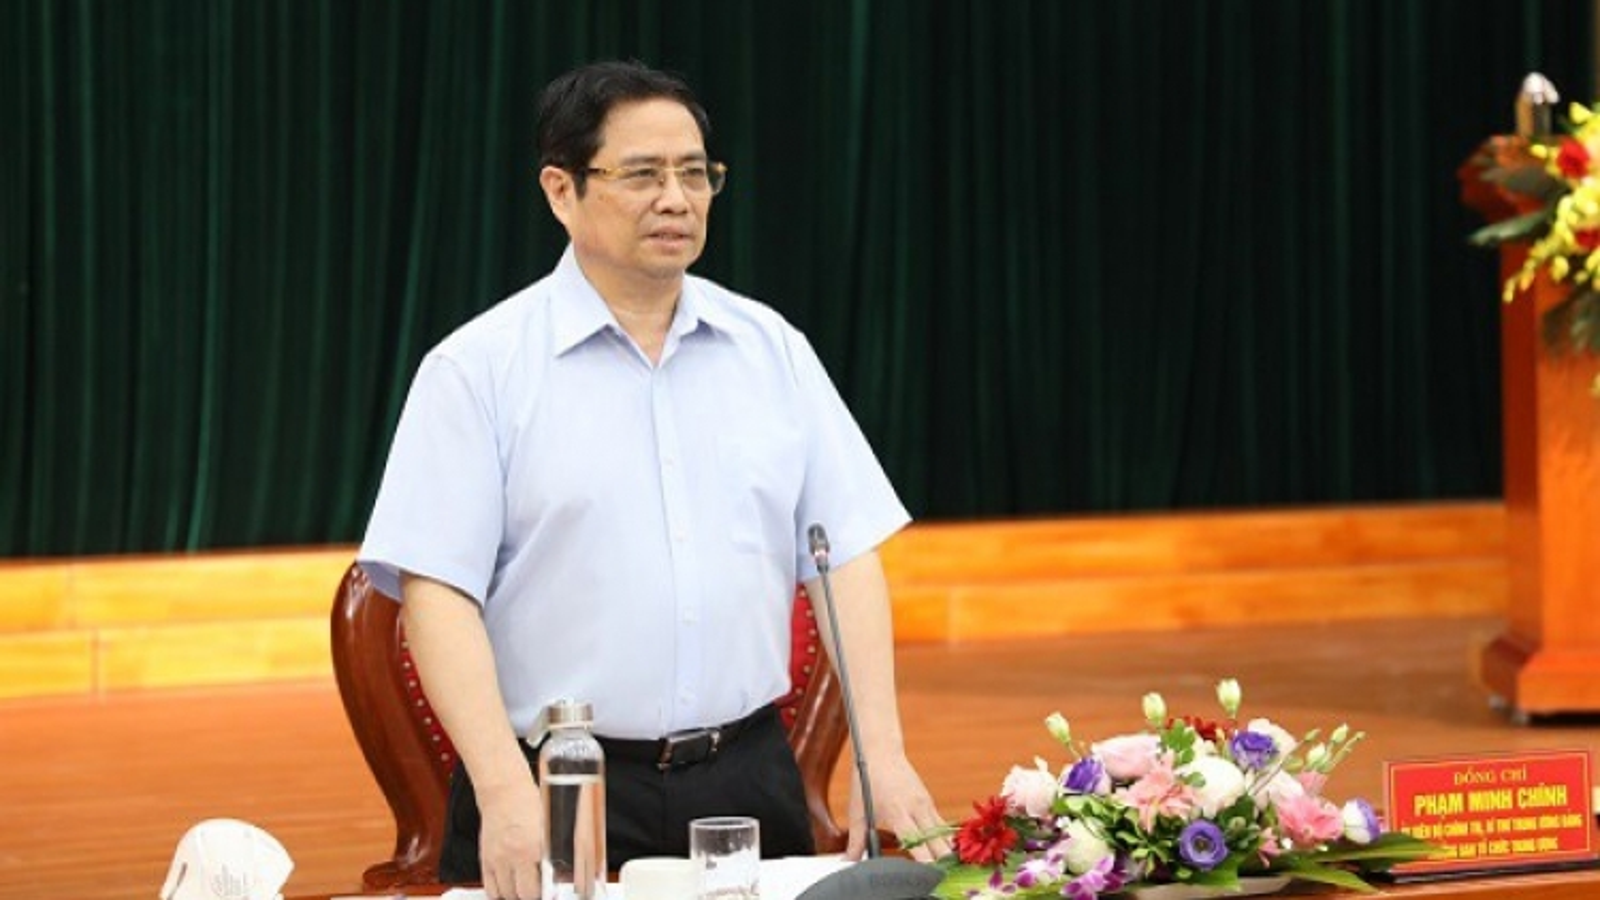 """Ông Phạm Minh Chính: Phải đánh giá cán bộ """"đúng và trúng"""" để bố trí đúng người"""